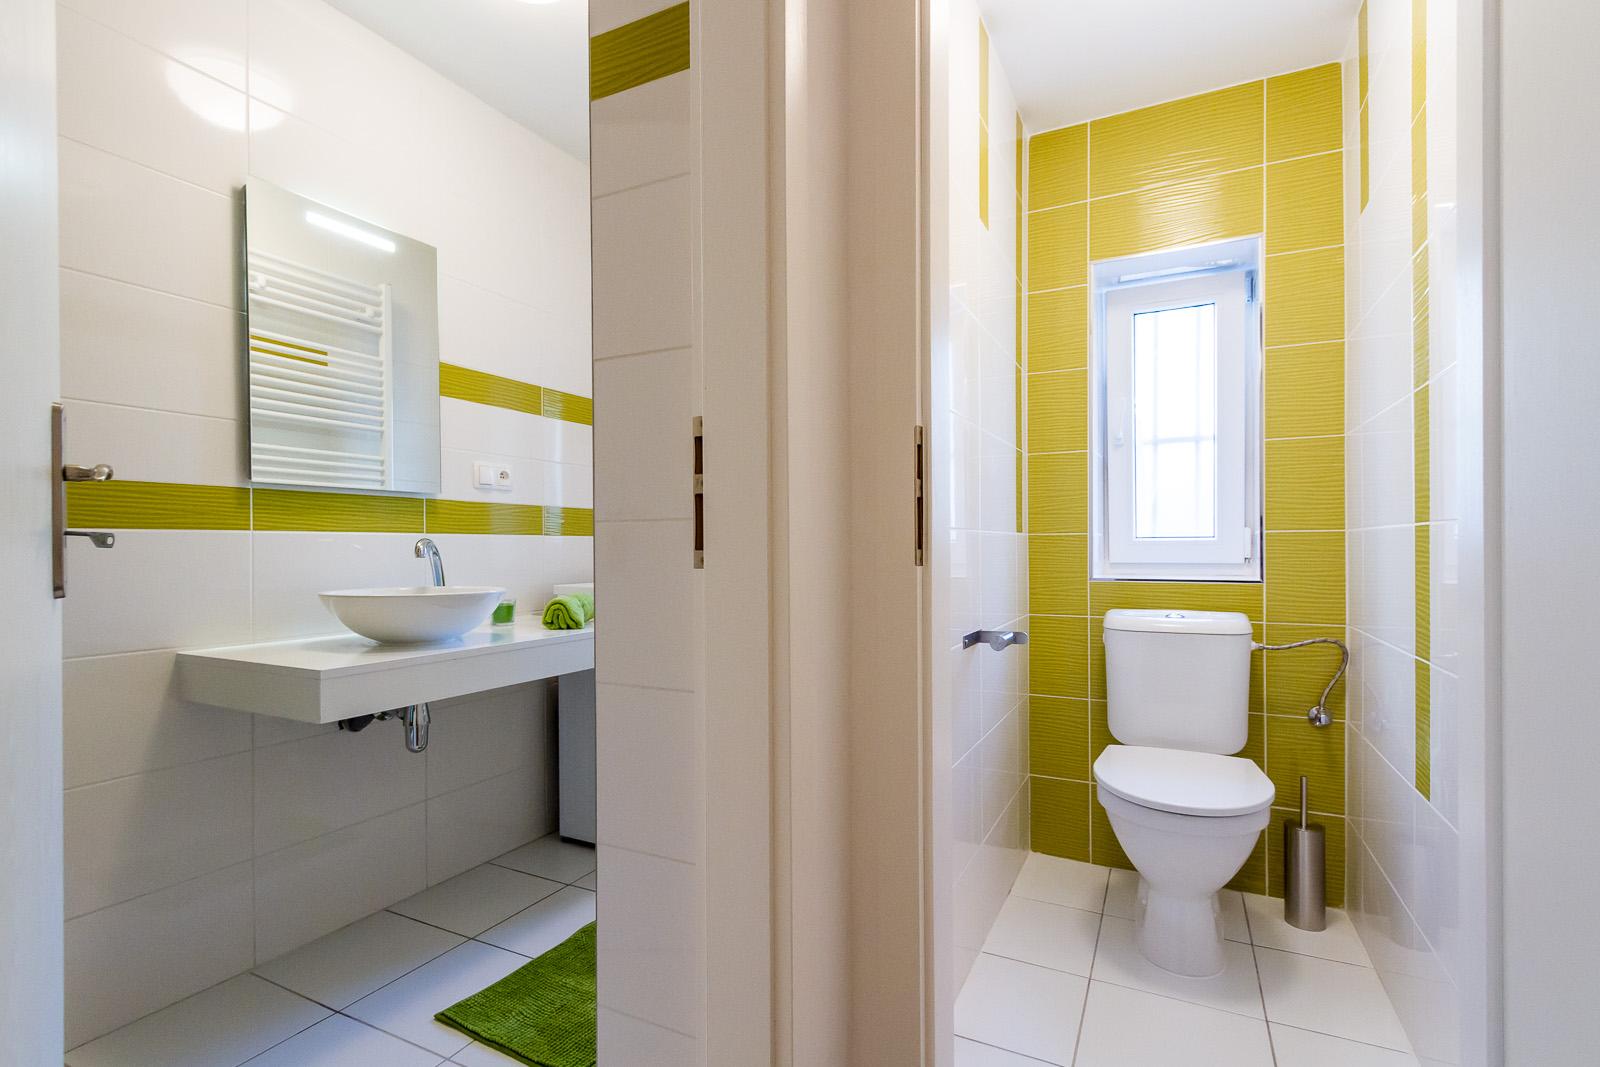 Pronájem, KRÁSNÝ byt 1kk, 28 m2, Pod Strašnickou vinicí, Praha 10